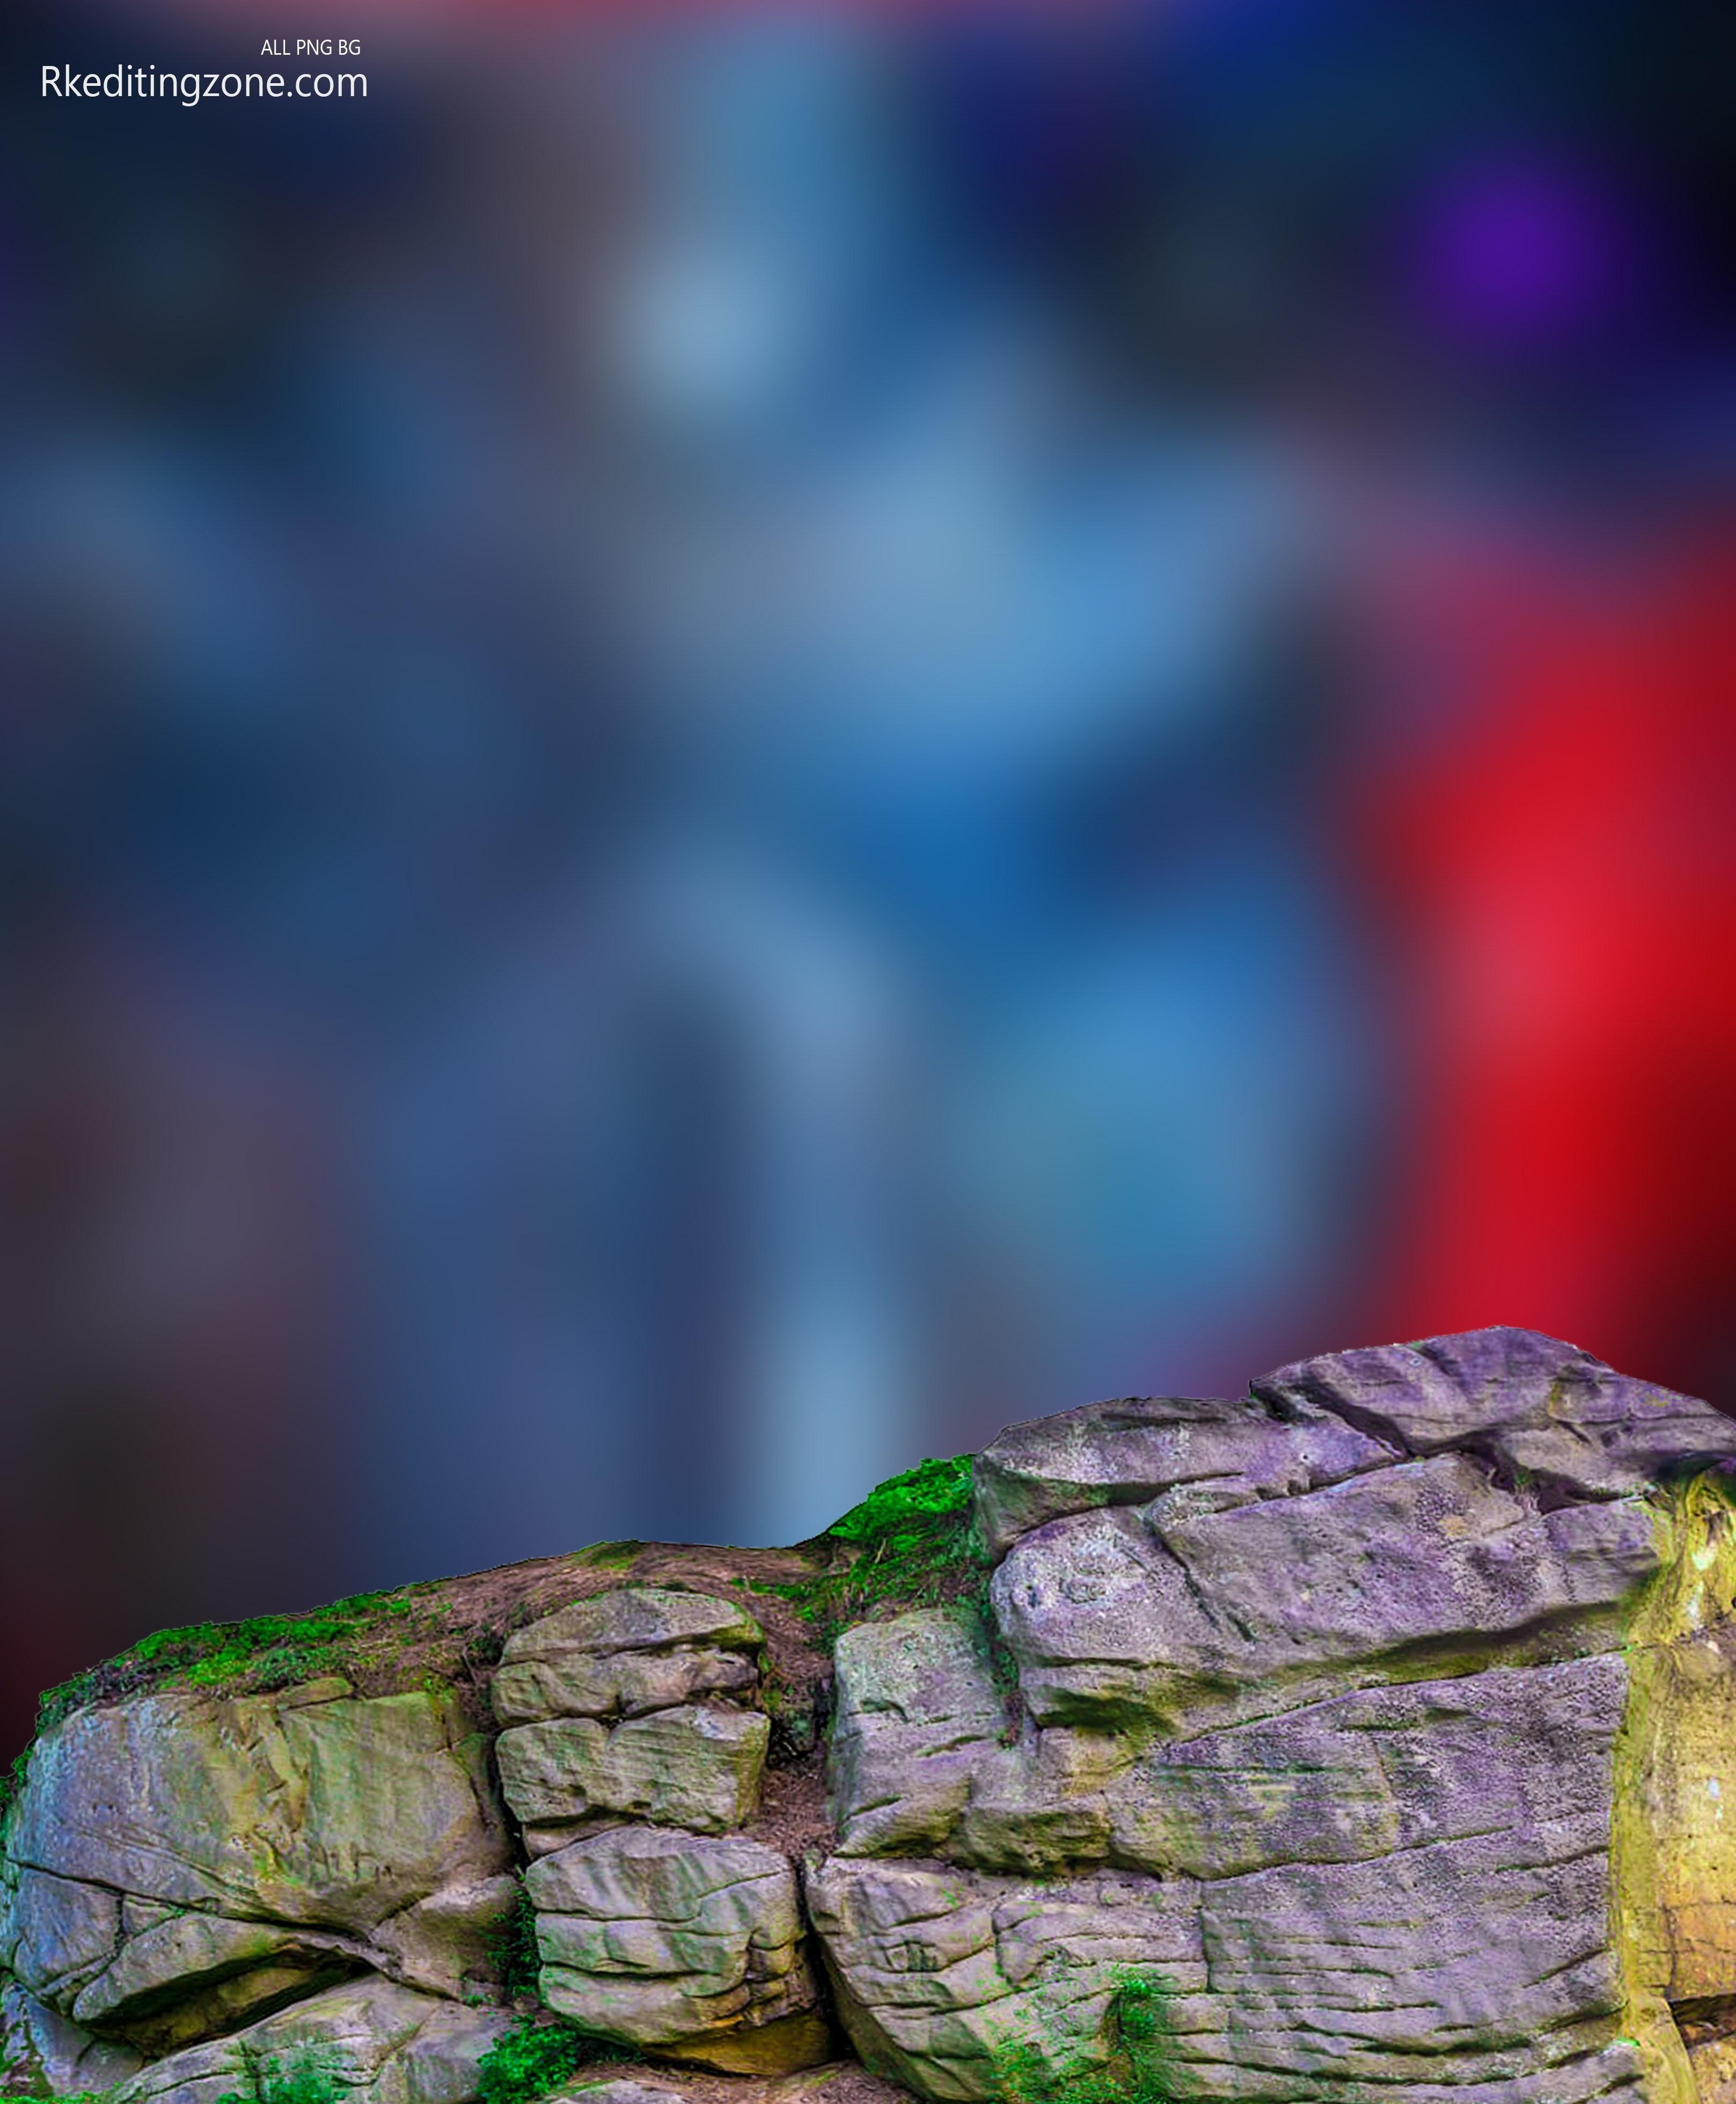 Cb Edit Background Hd Shivaji Maharaj Picsart Background 394352 Hd Wallpaper Backgrounds Download